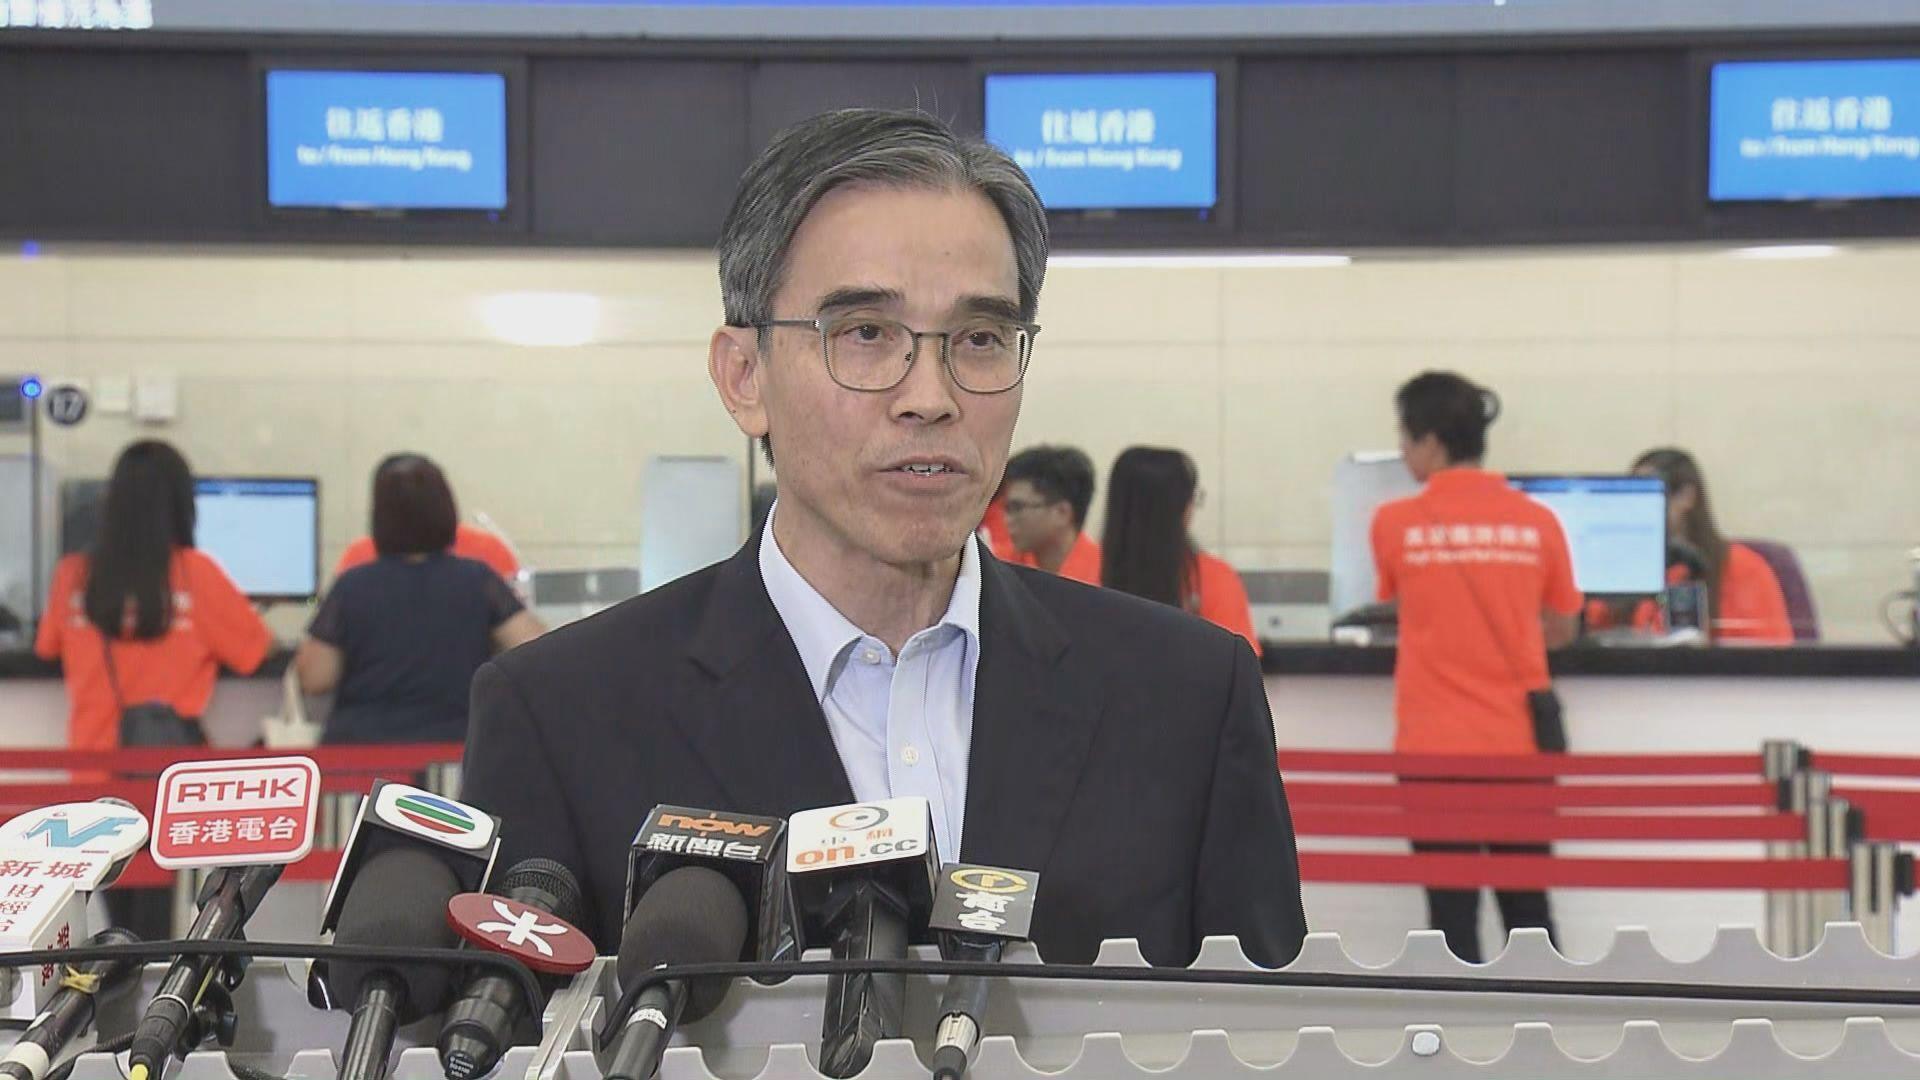 劉天成:相信高鐵乘客會愈來愈多